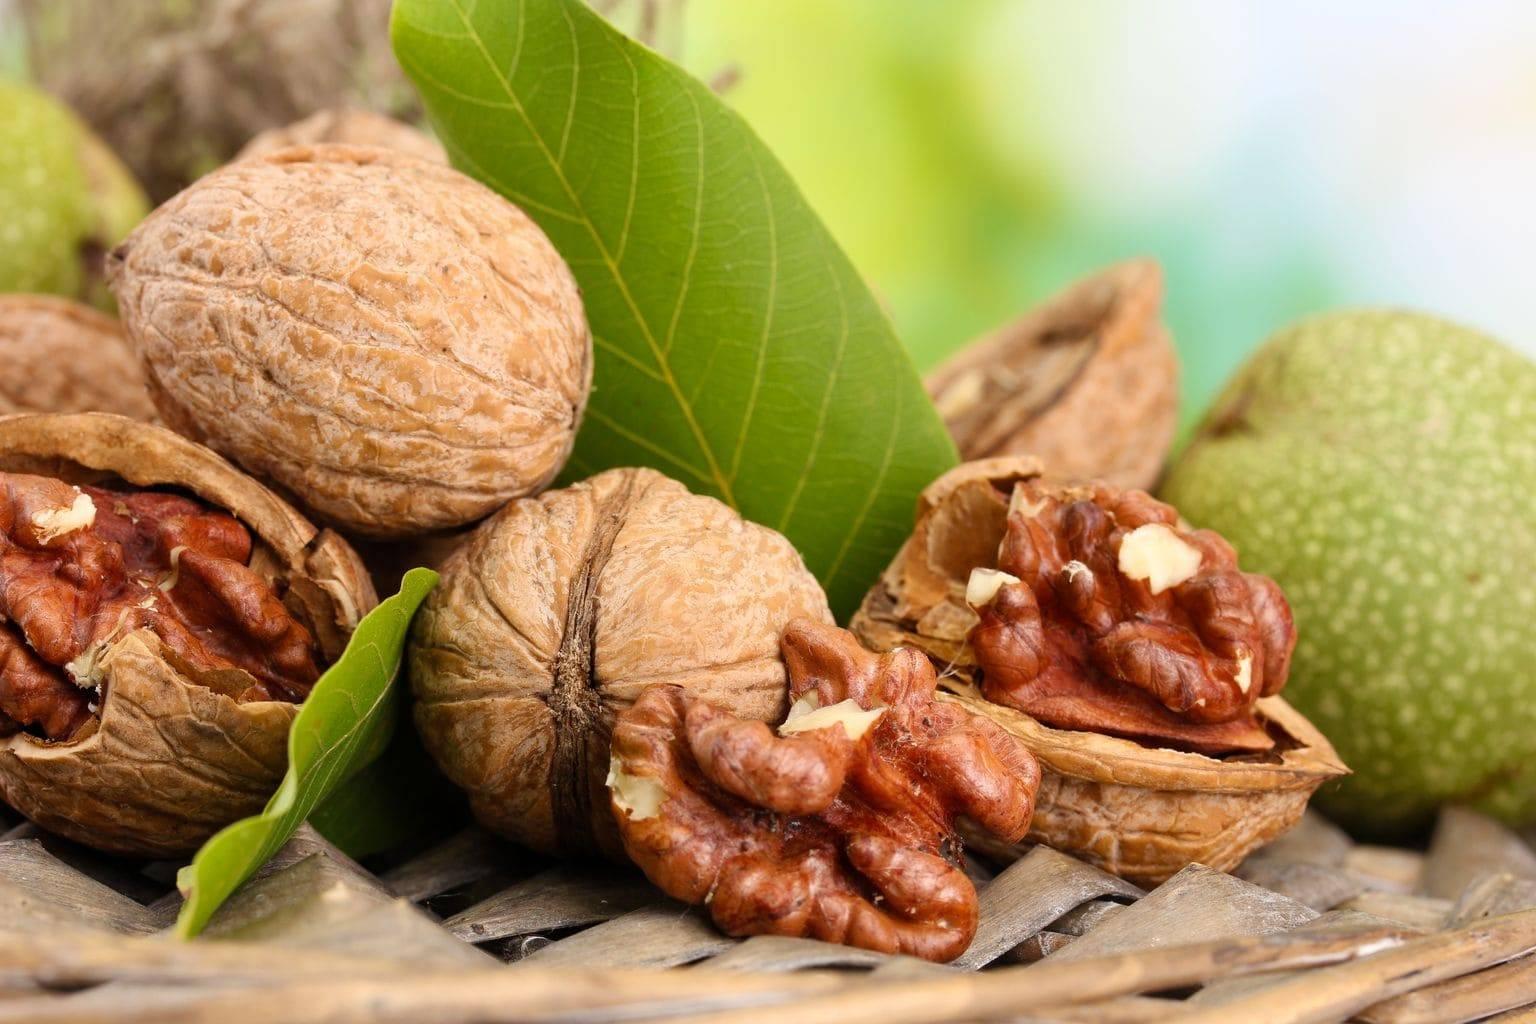 Орехи для сердца: какие ядра полезны для укрепления главной мышцы и сосудов и как влияют на их работу?